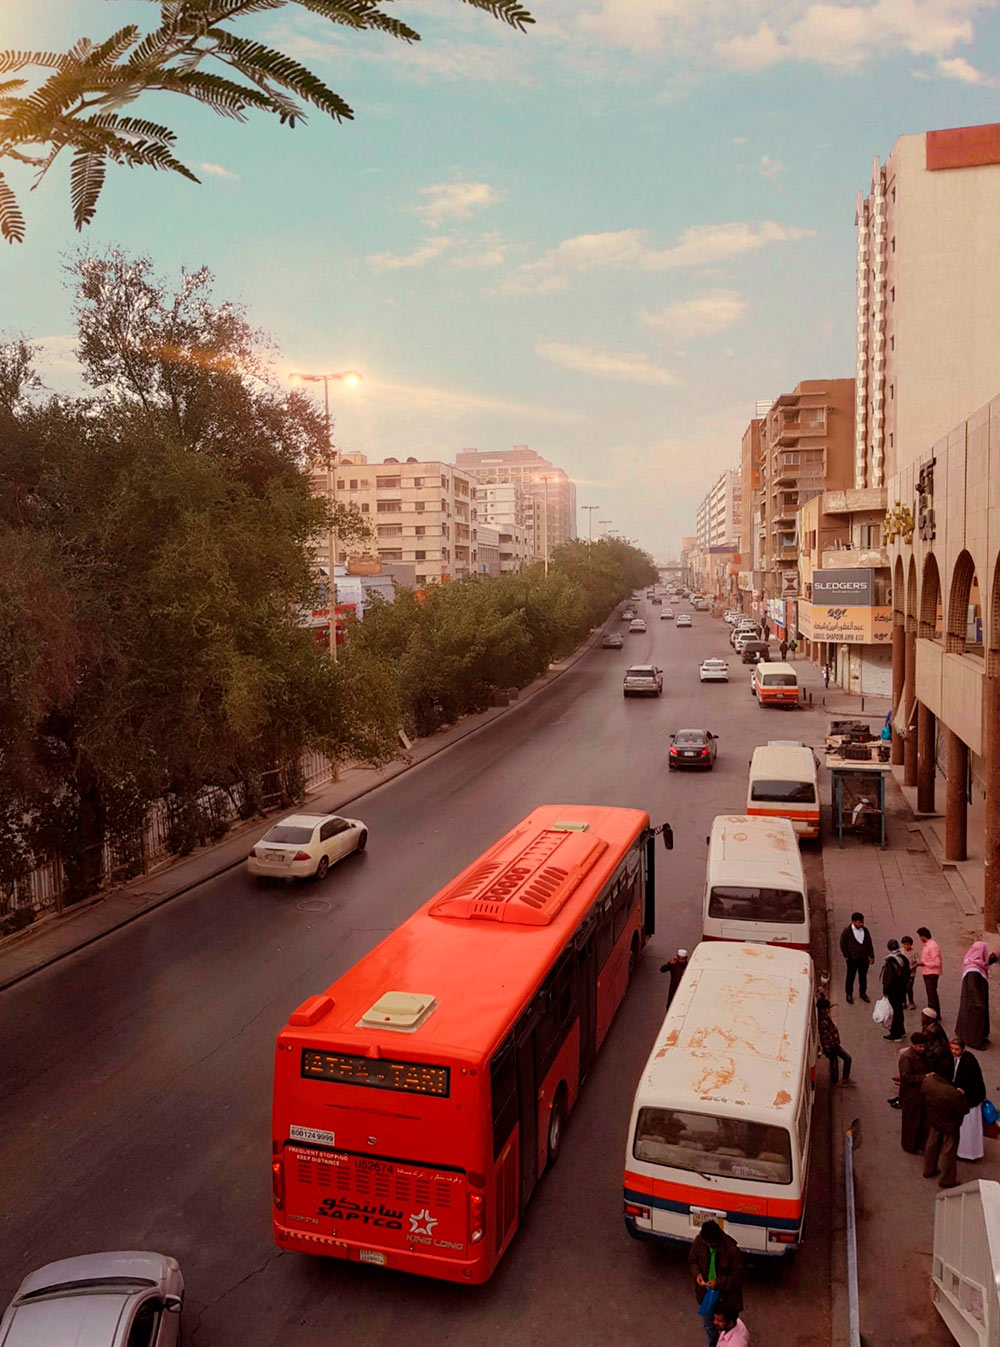 Кроме красных больших автобусов во многих городах курсируют микроавтобусы-маршрутки. Фото: @rexrm